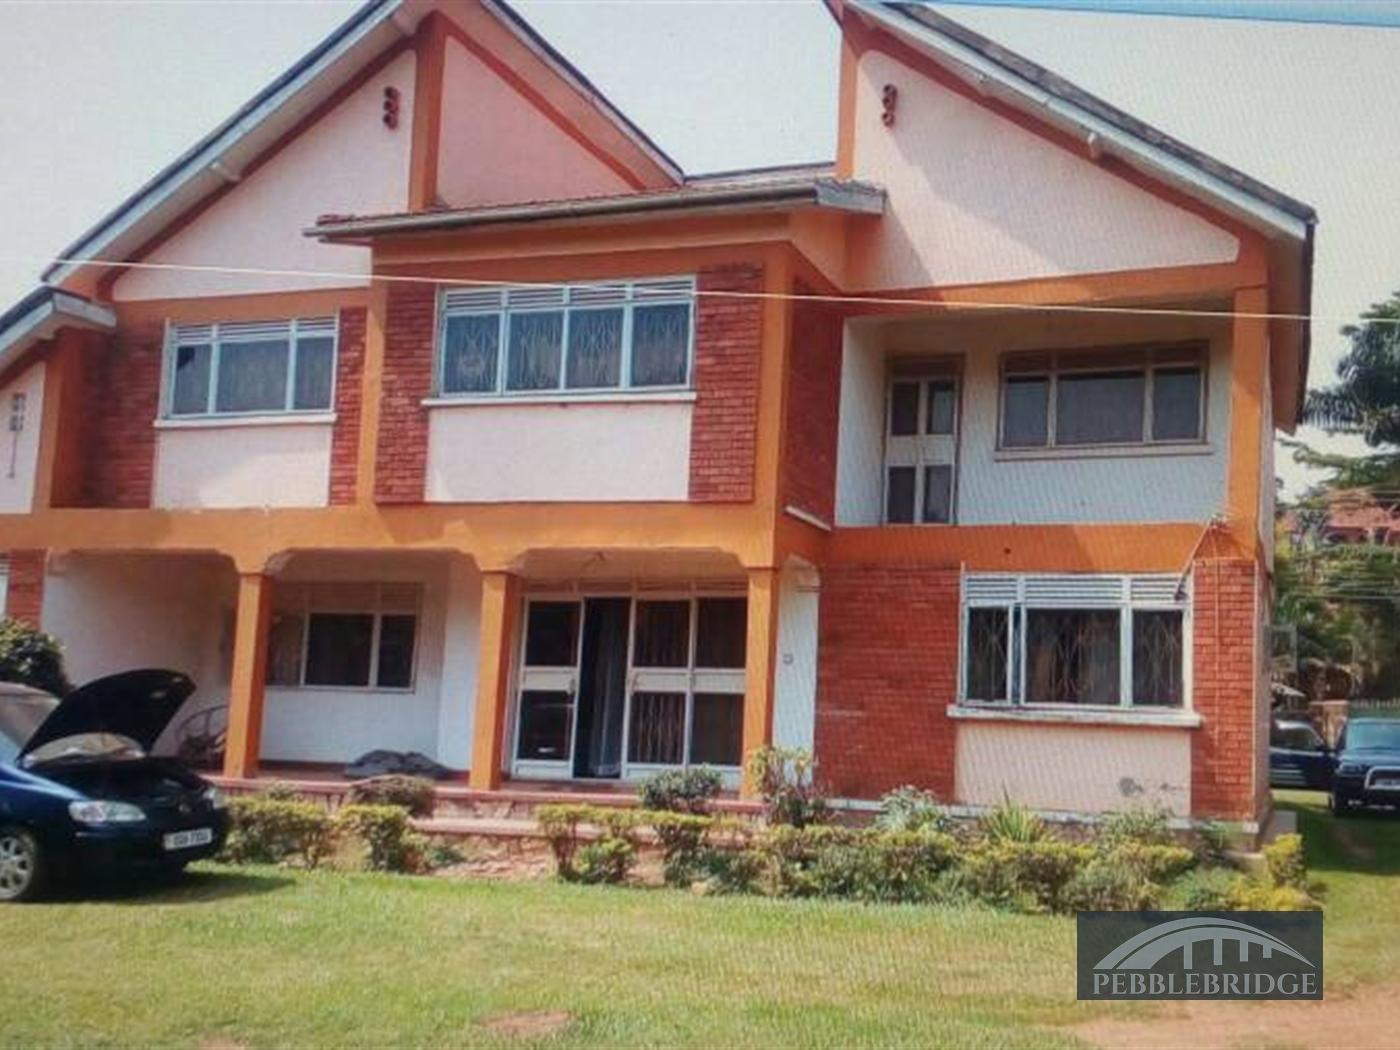 Villa for sale in Naguru Kampala